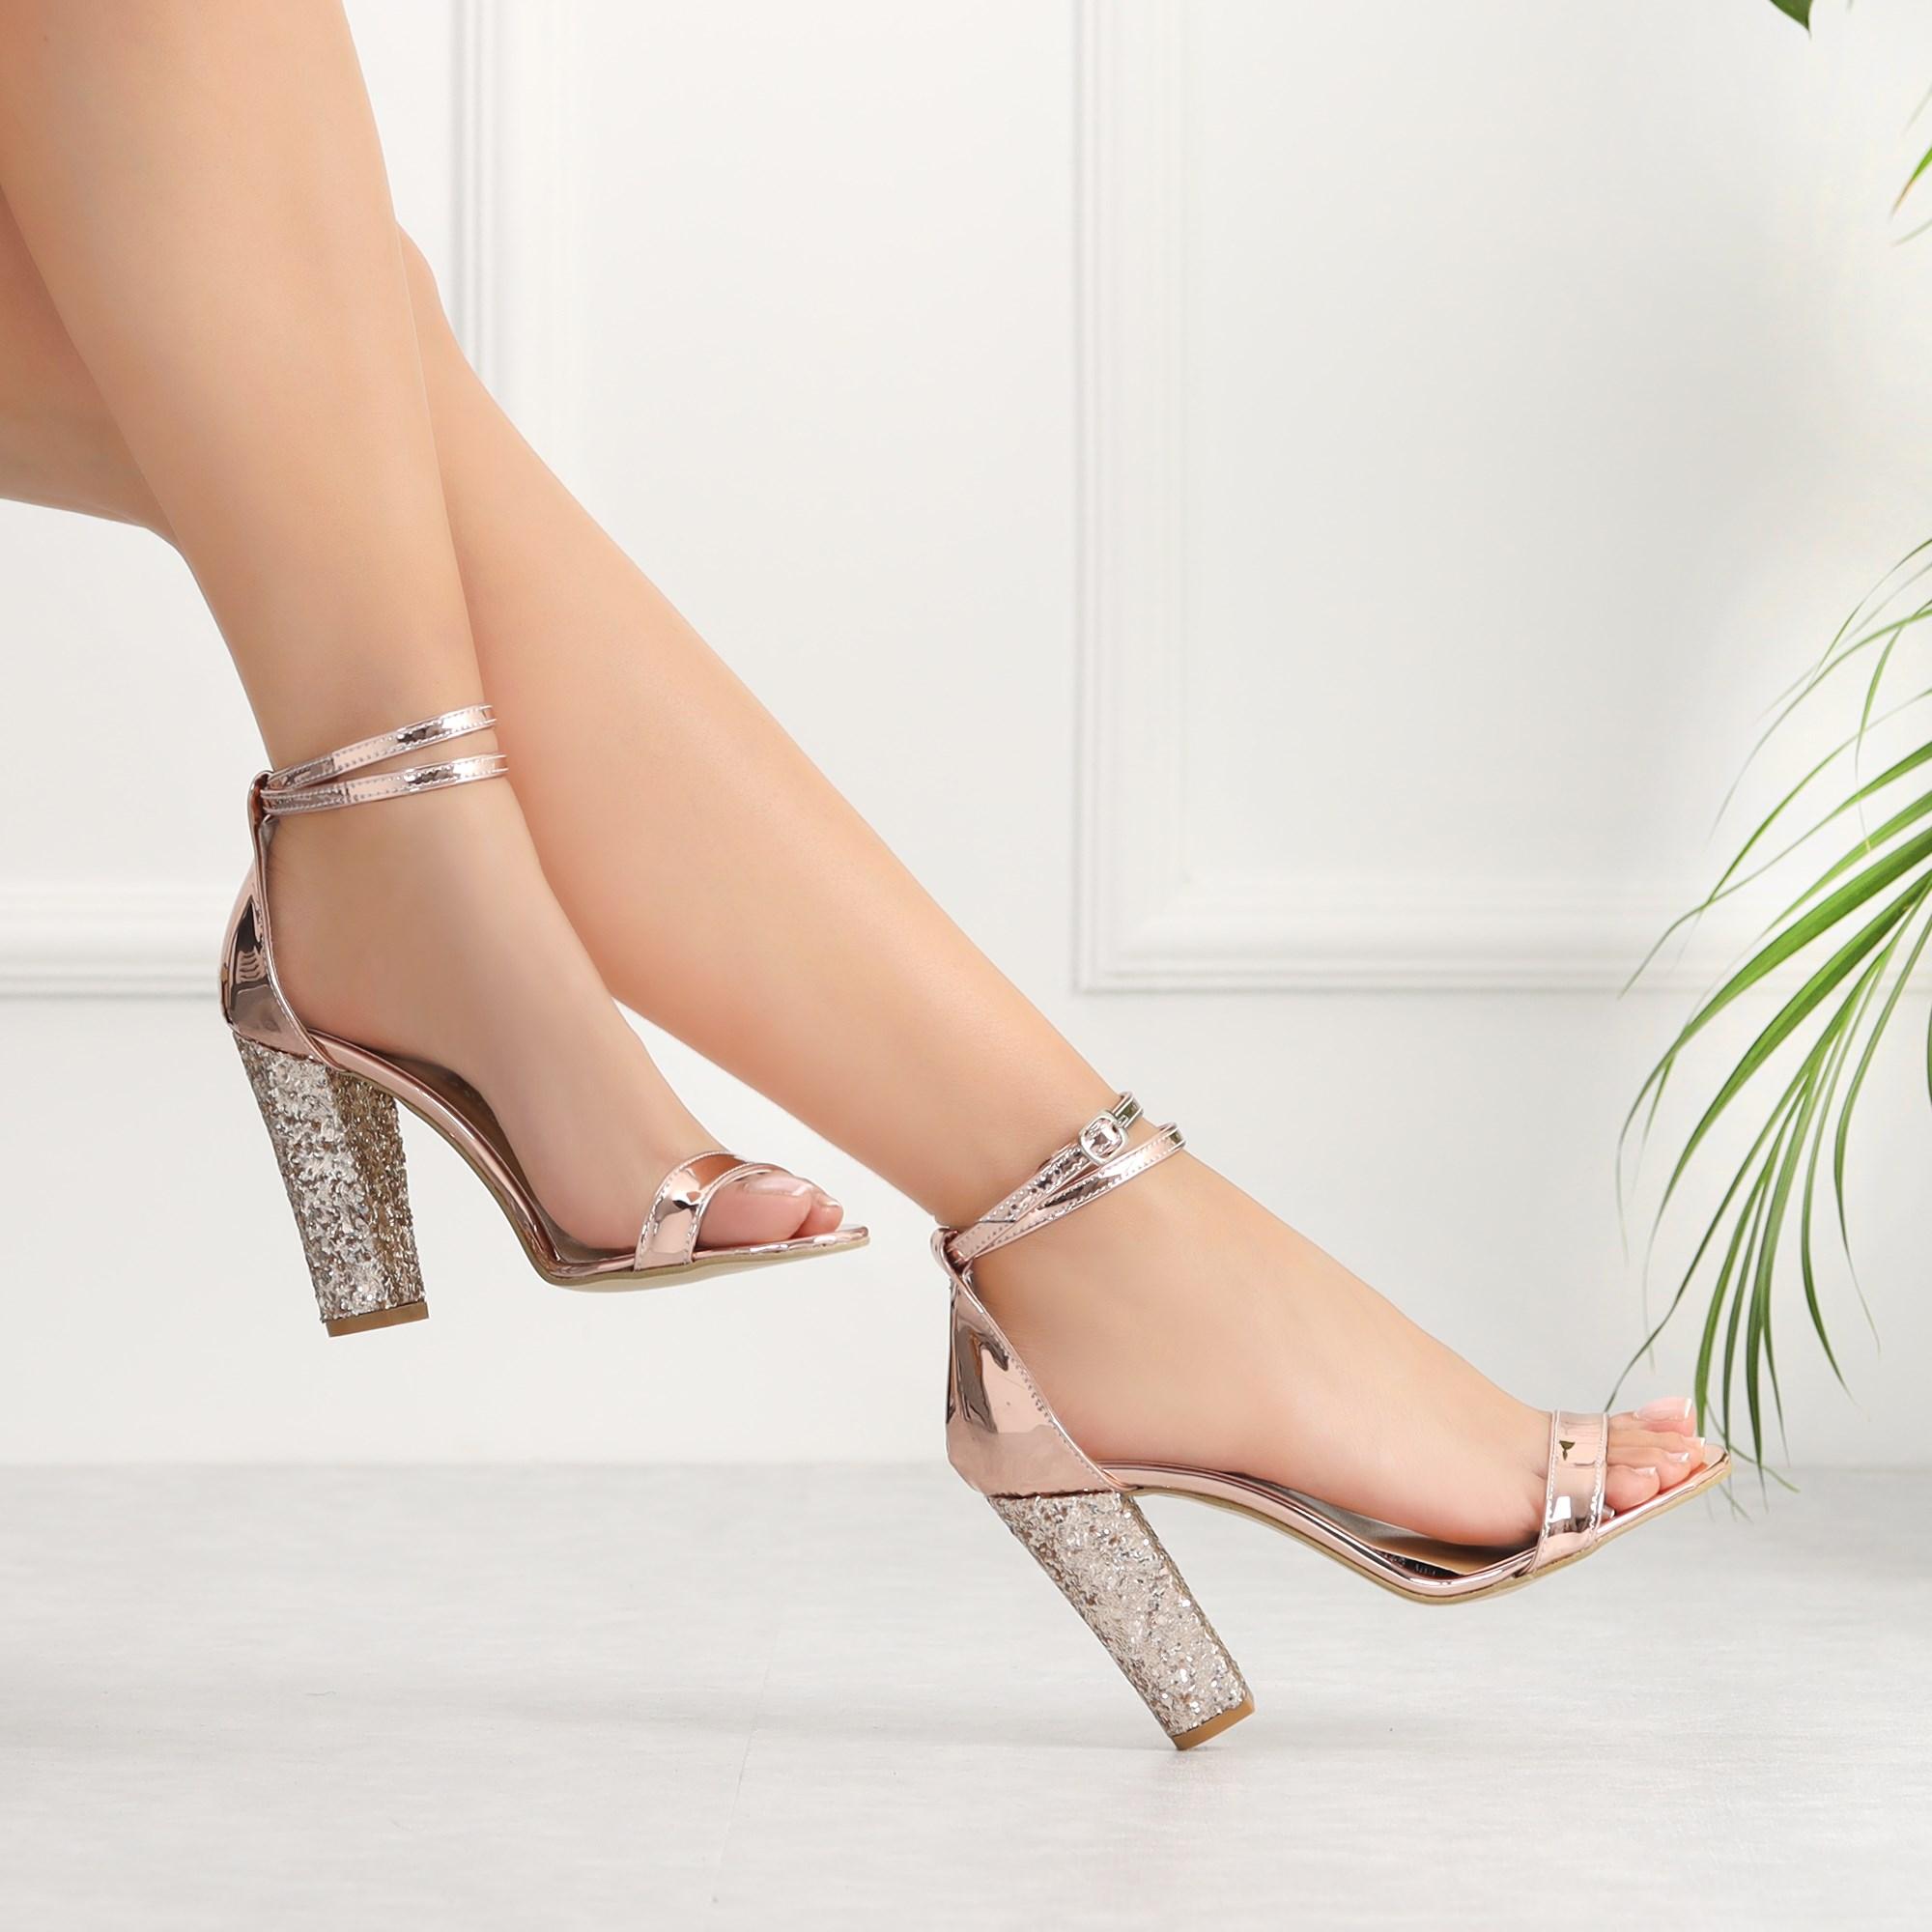 ayakkabı seçimi, kadın ayakkabısı, kadın ayakkabısı seçimi